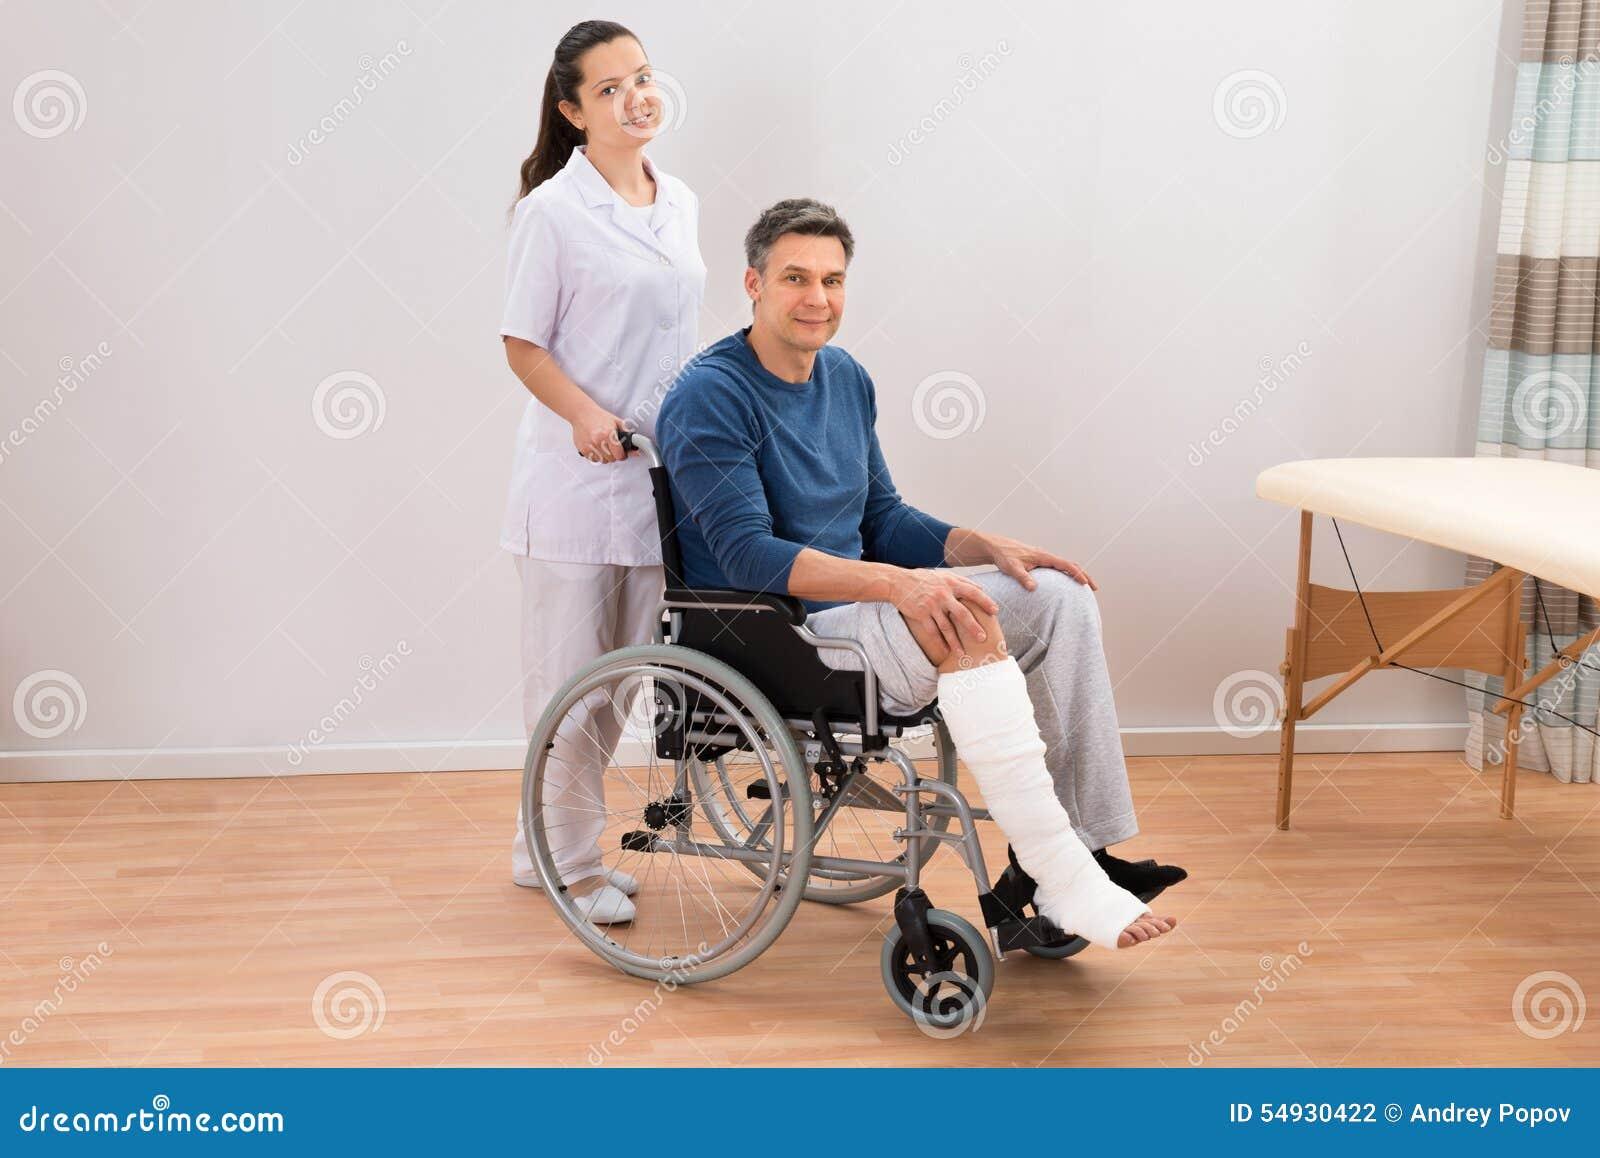 Medico con il paziente disabile sulla sedia a rotelle for Fisico sedia a rotelle